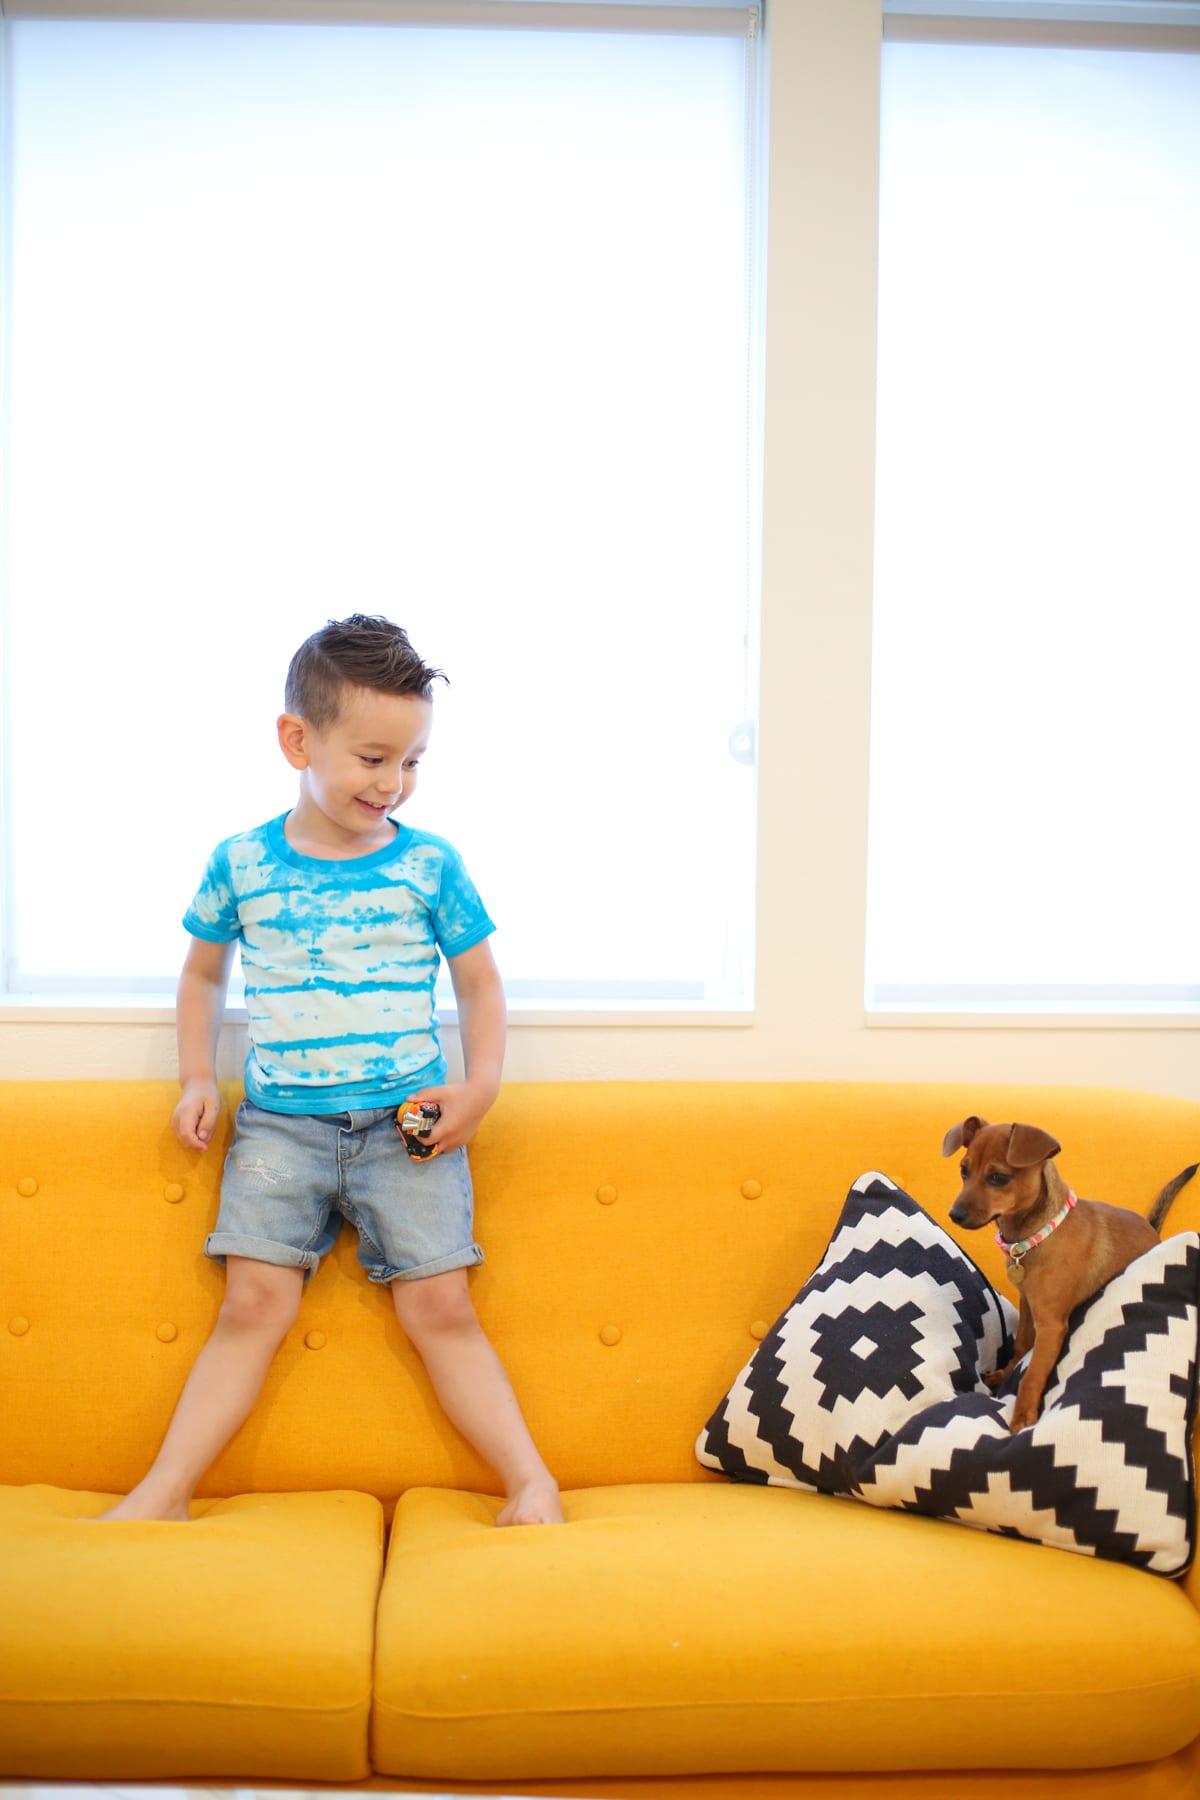 shibori-style tie dye kids' shirts